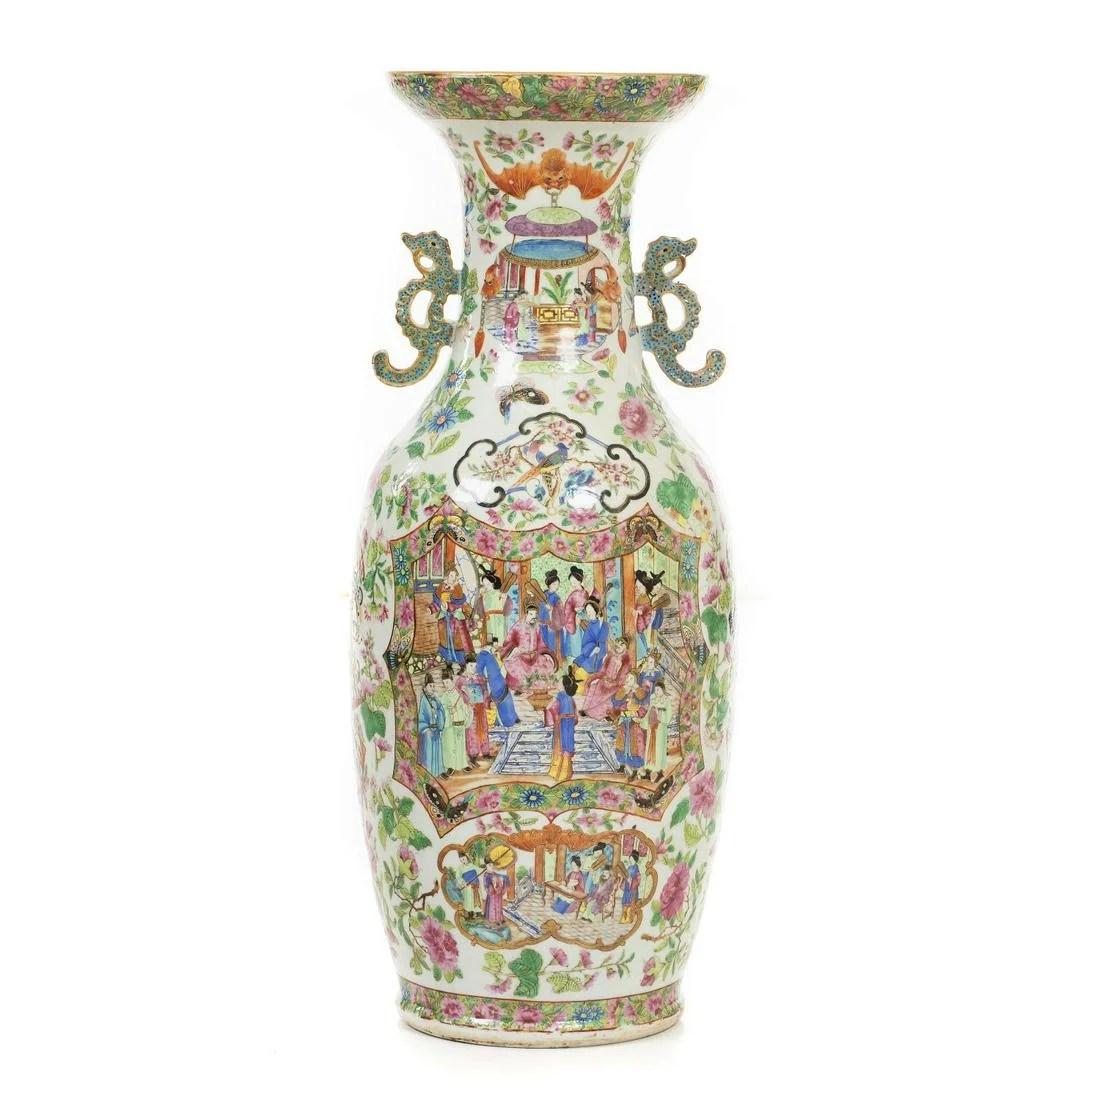 Chinese porcelain 'Mandarin' large vase, Daoguang